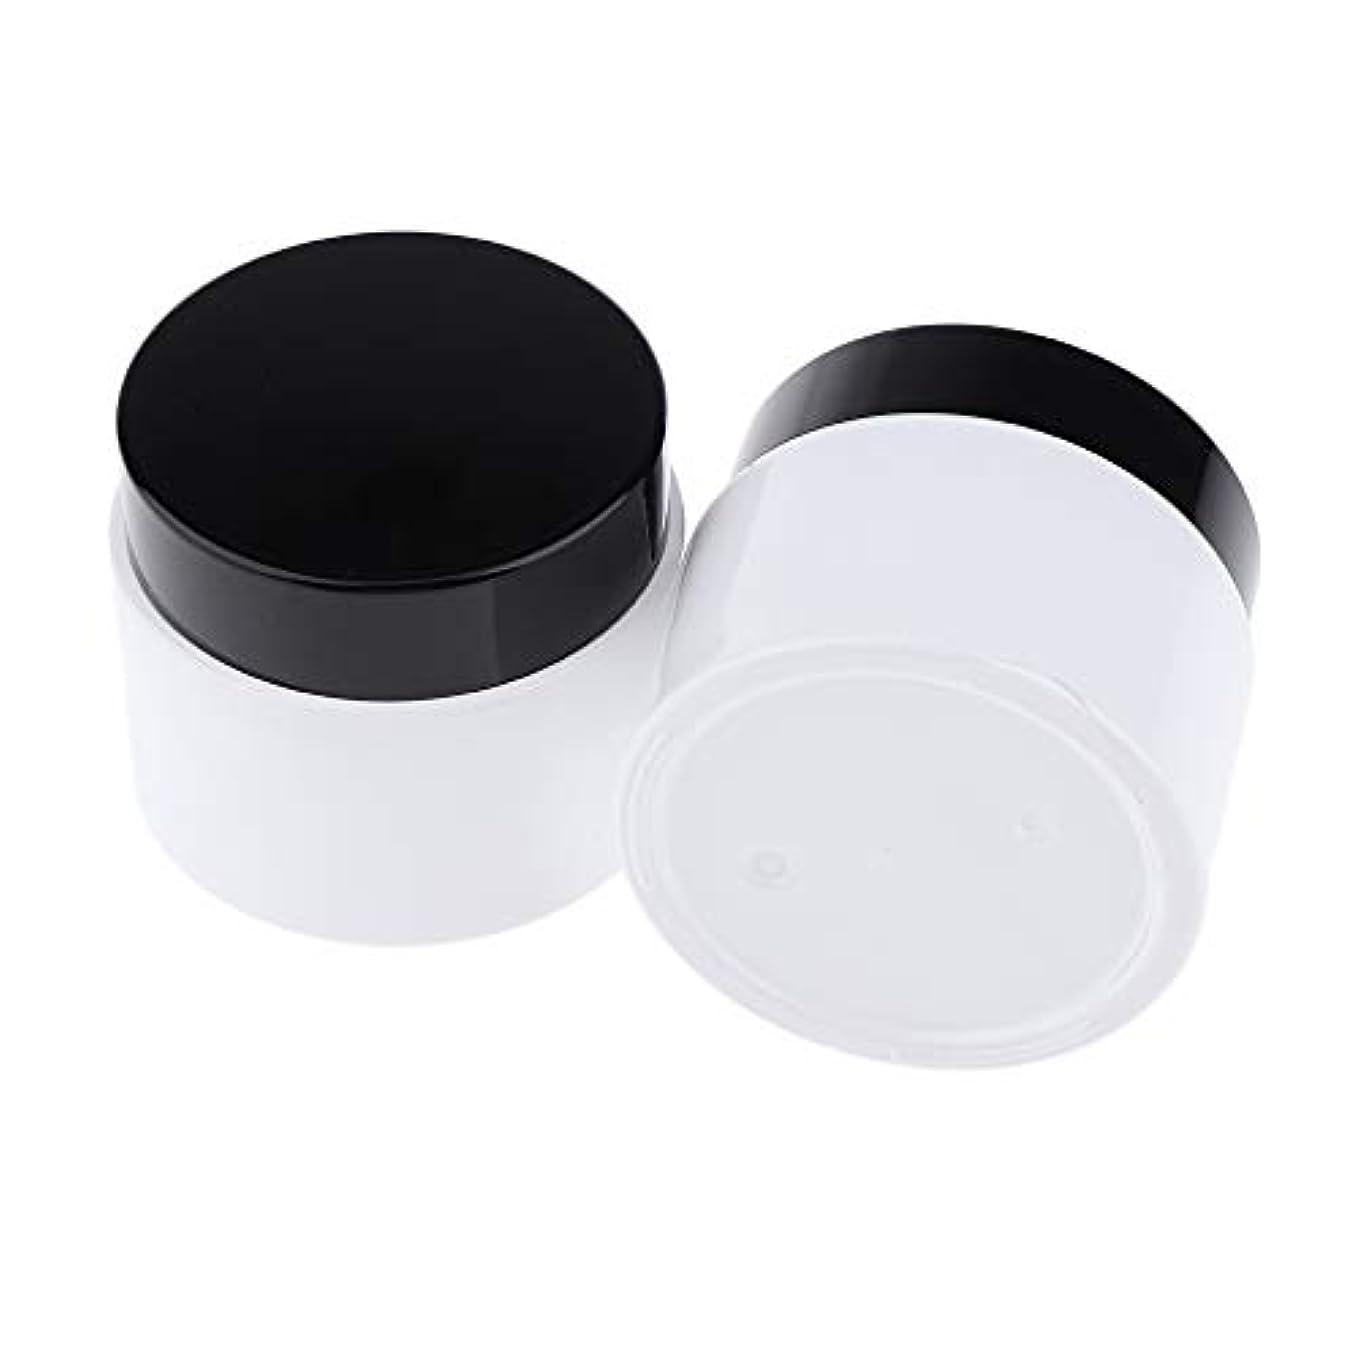 DYNWAVE コスメボトル 化粧品ボトル 空 ガラス フェイスクリーム ケース 快適 詰め替え可能 2個入り 全3サイズ - 50g